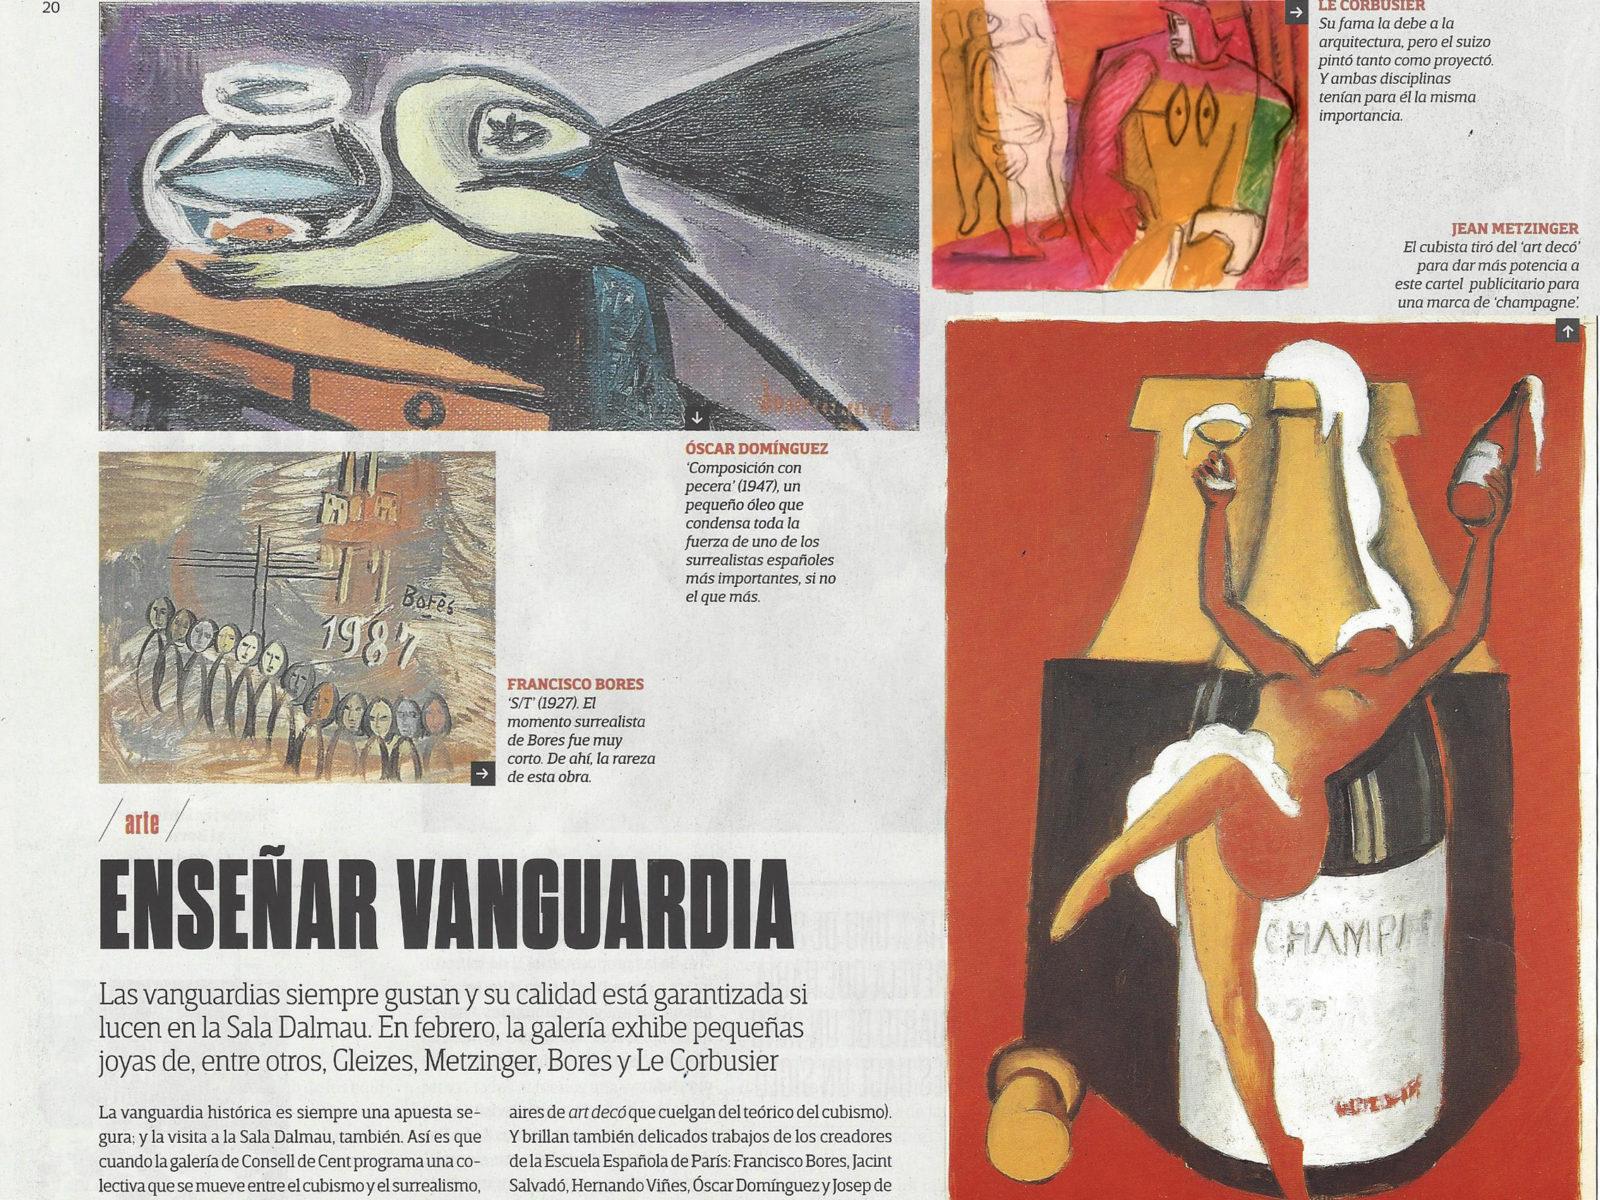 Vanguardias periodico 27-1-17